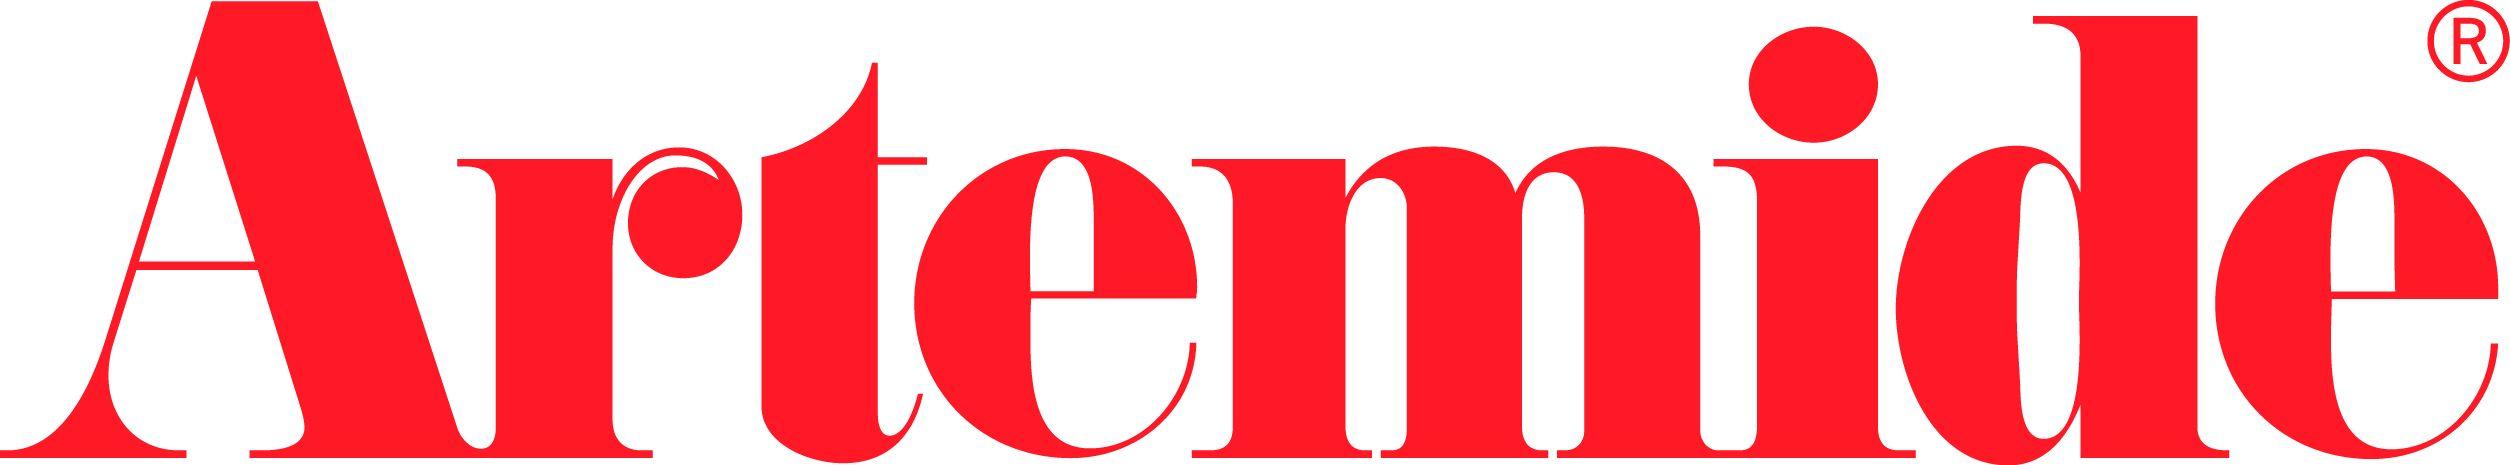 ArtemideNorthAmerica Logo